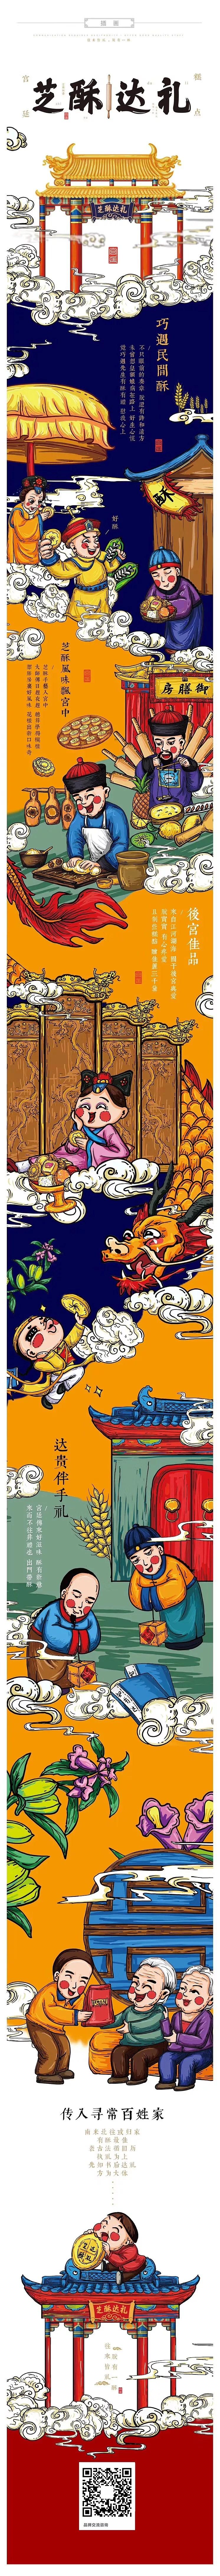 芝酥达礼中式糕点品牌全案插画设计